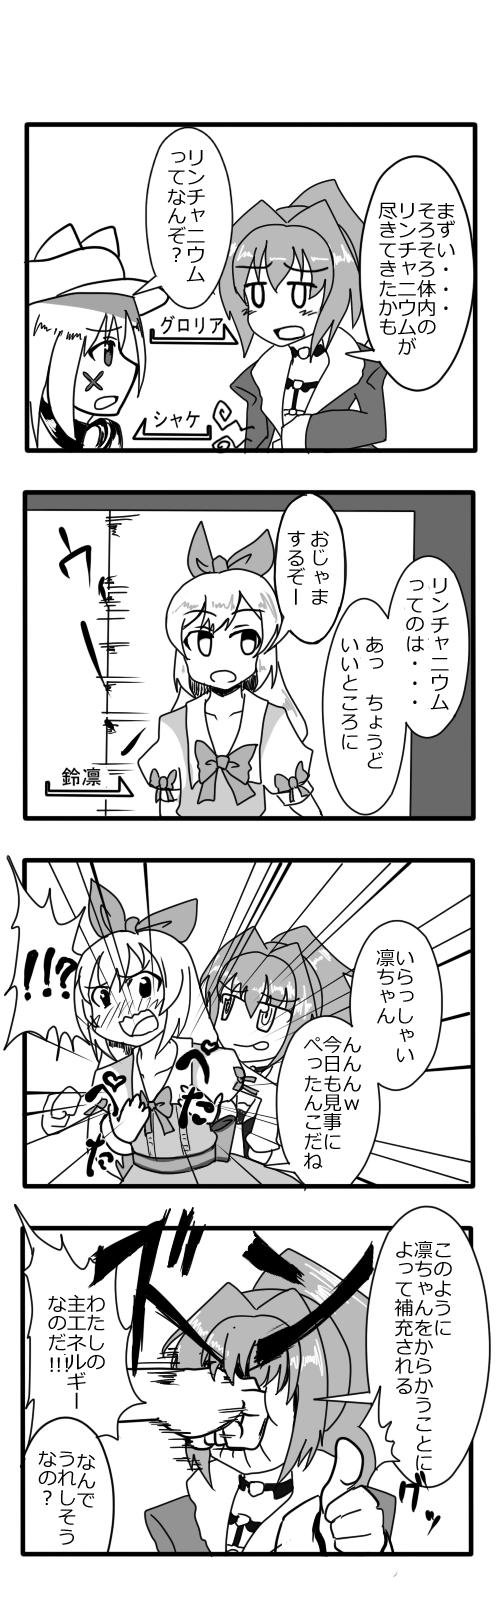 ぽんこつ006